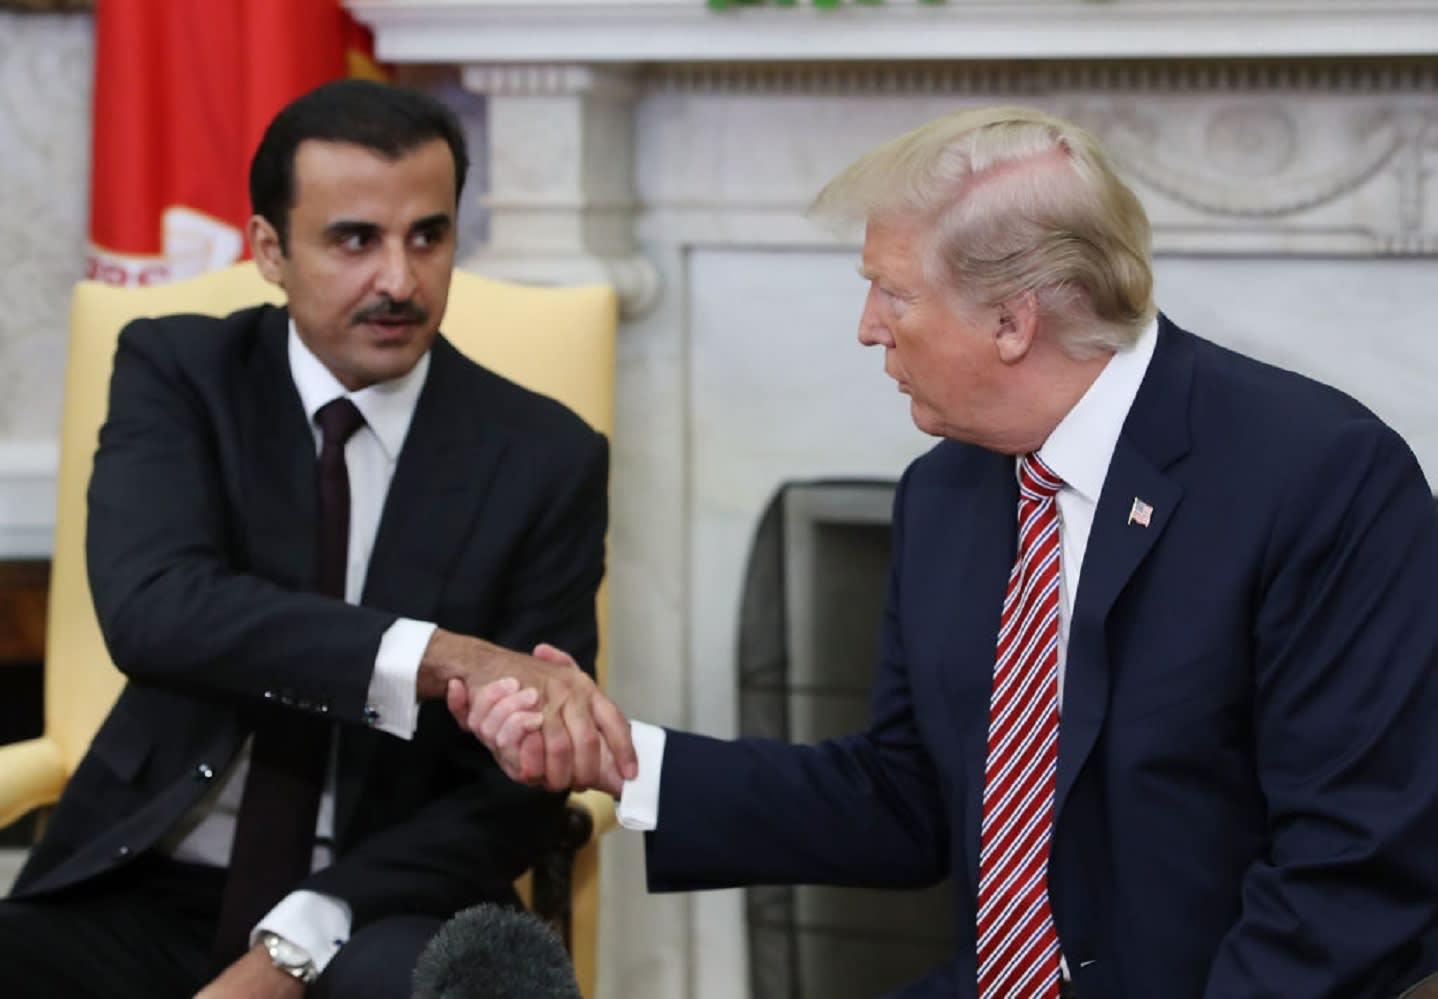 البيت الأبيض يرشح امرأة لمنصب سفير أمريكا في قطر